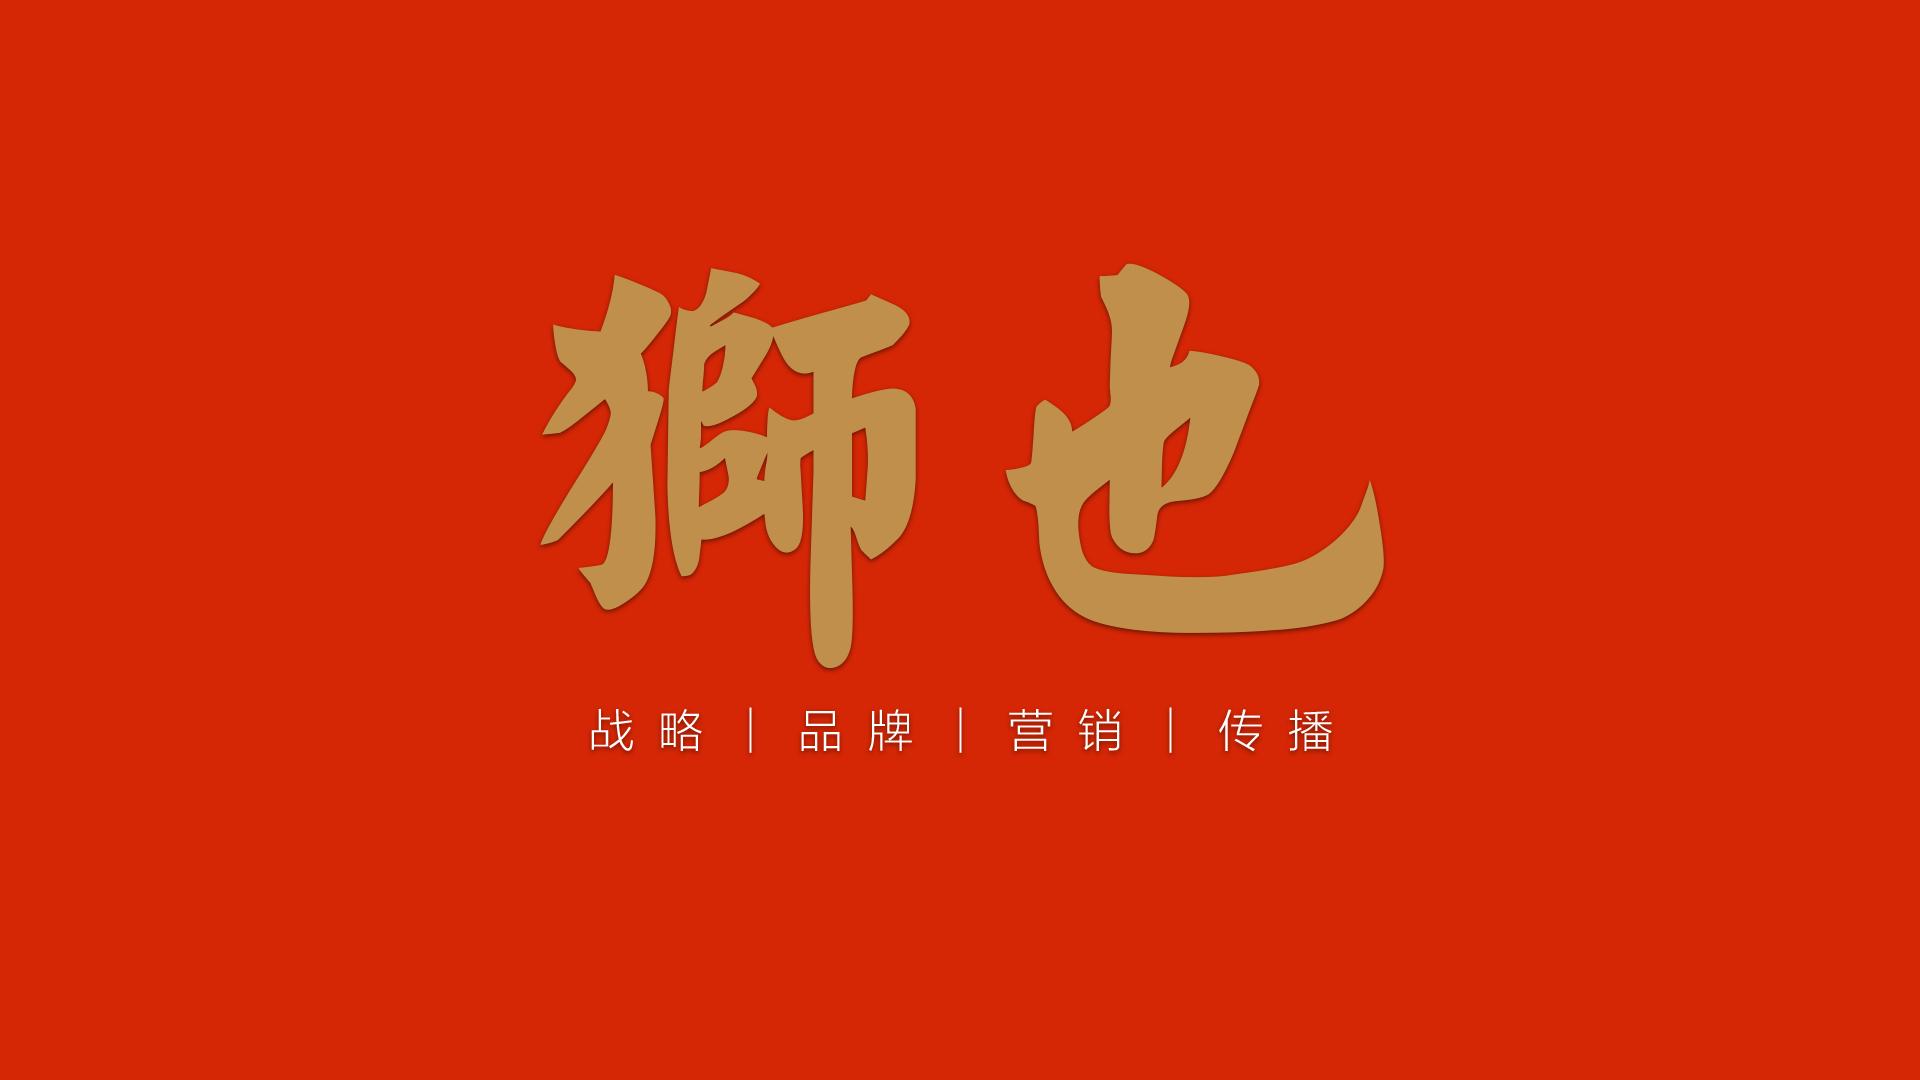 上海营销策划公司—战略人力资源管理与人事管理的区别